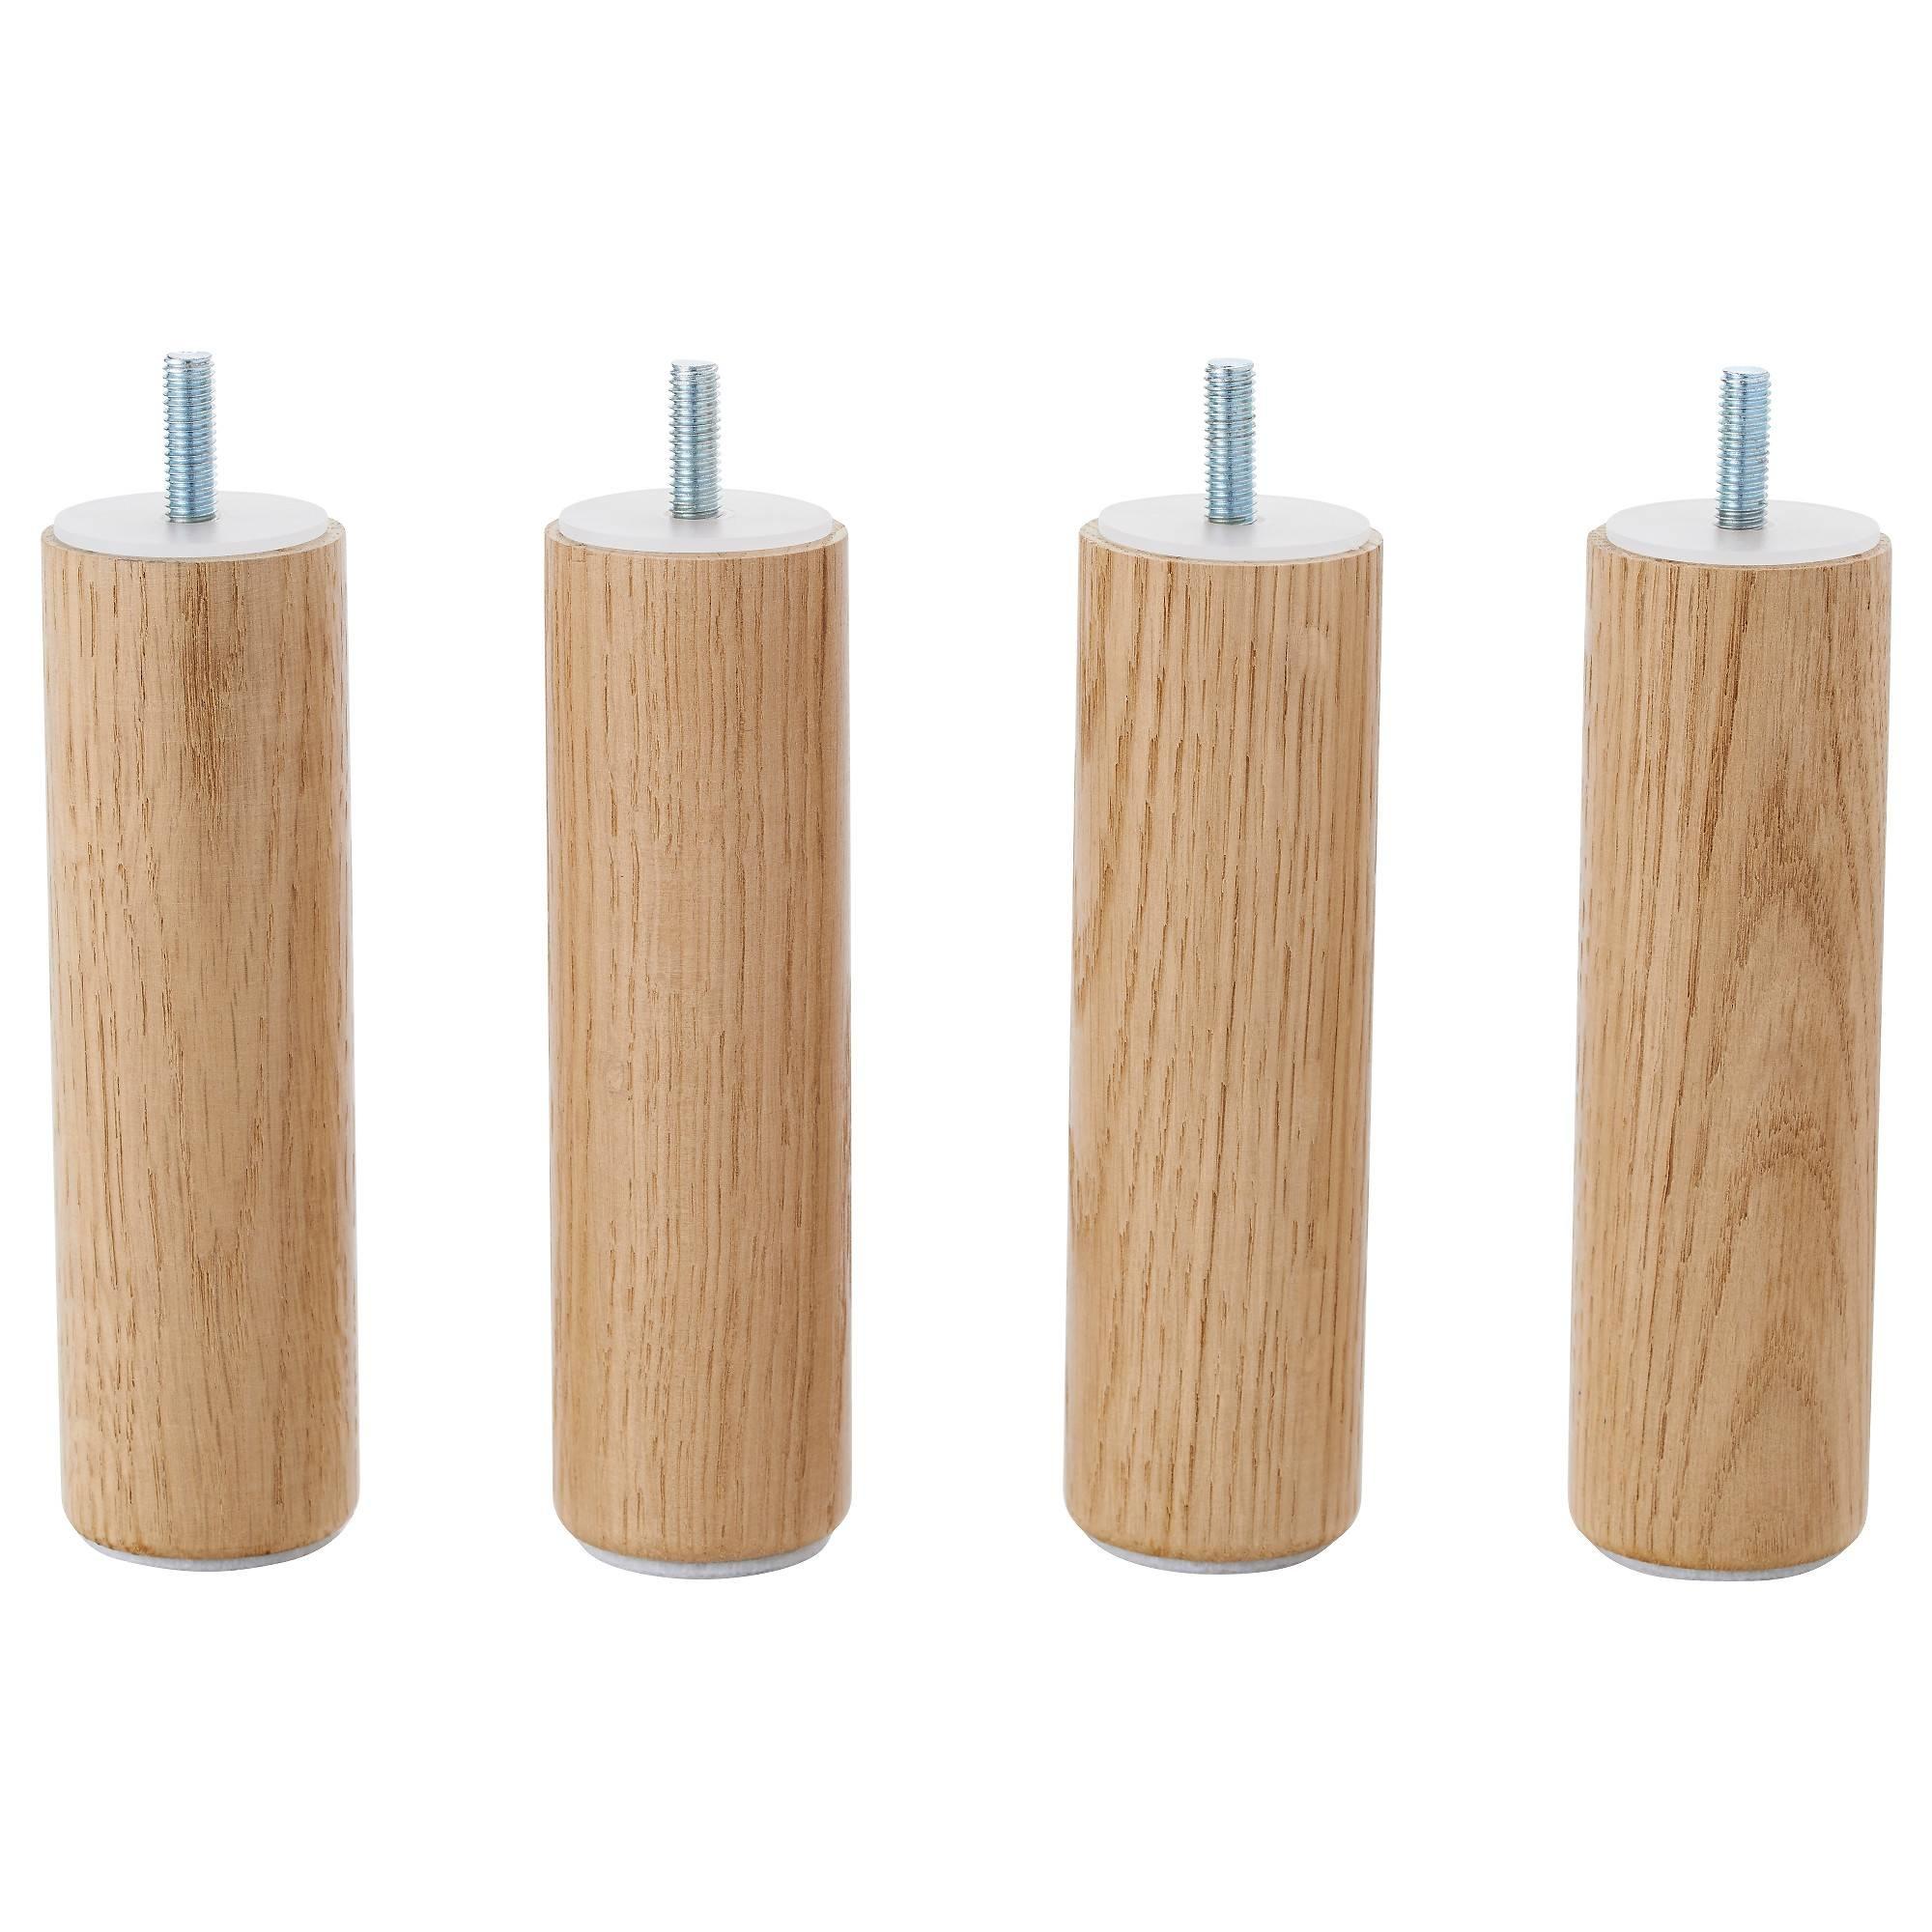 Sofa Legs & Footstools Legs | Ikea inside Wood Legs Sofas (Image 24 of 30)